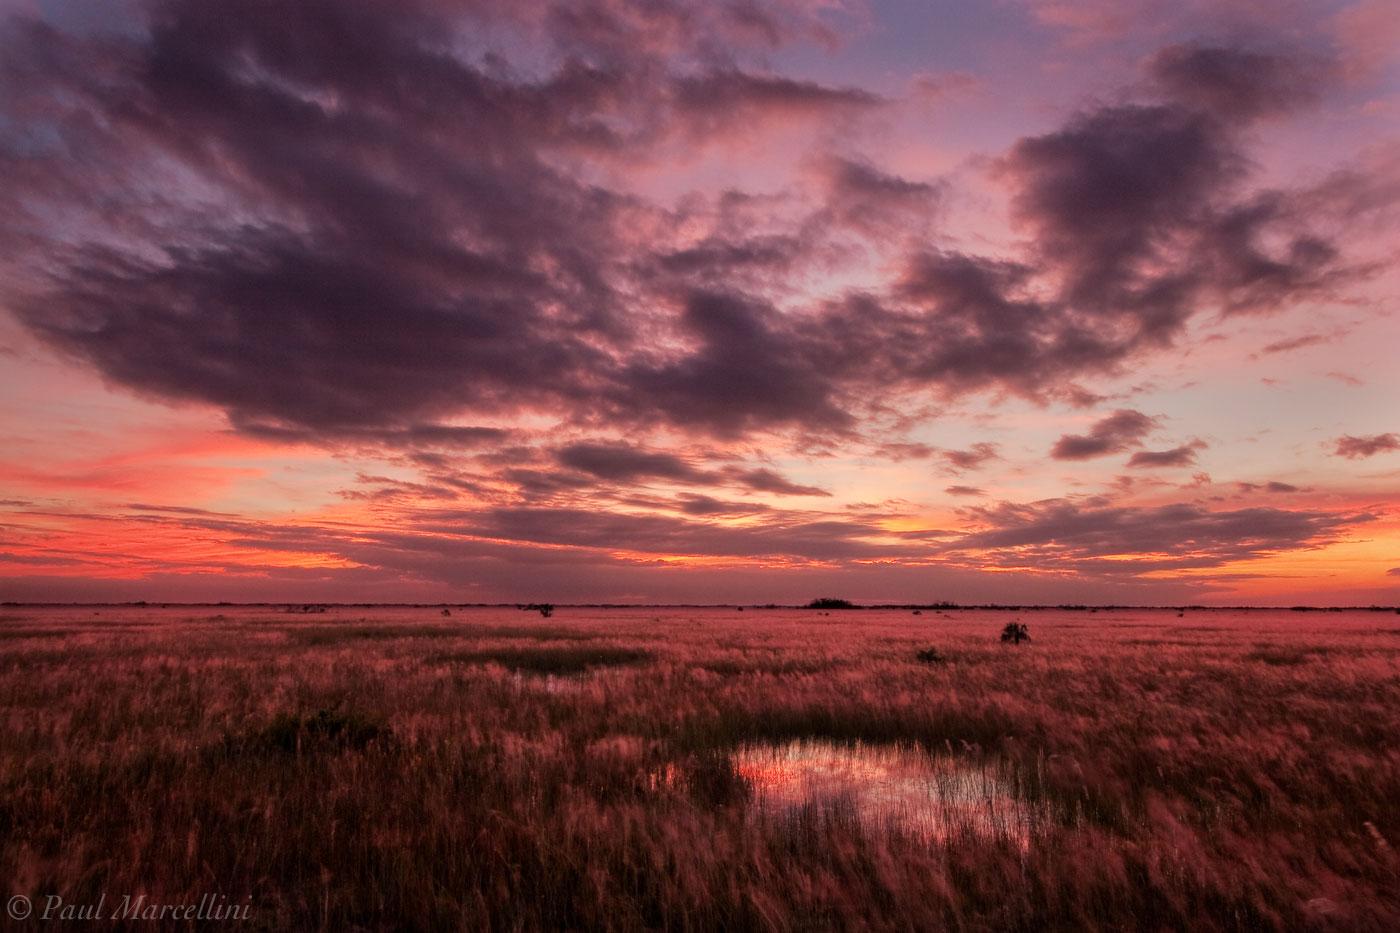 muhly grass, muhlenbergia capillaris, everglades, Florida, nature, photography, florida national parks, photo